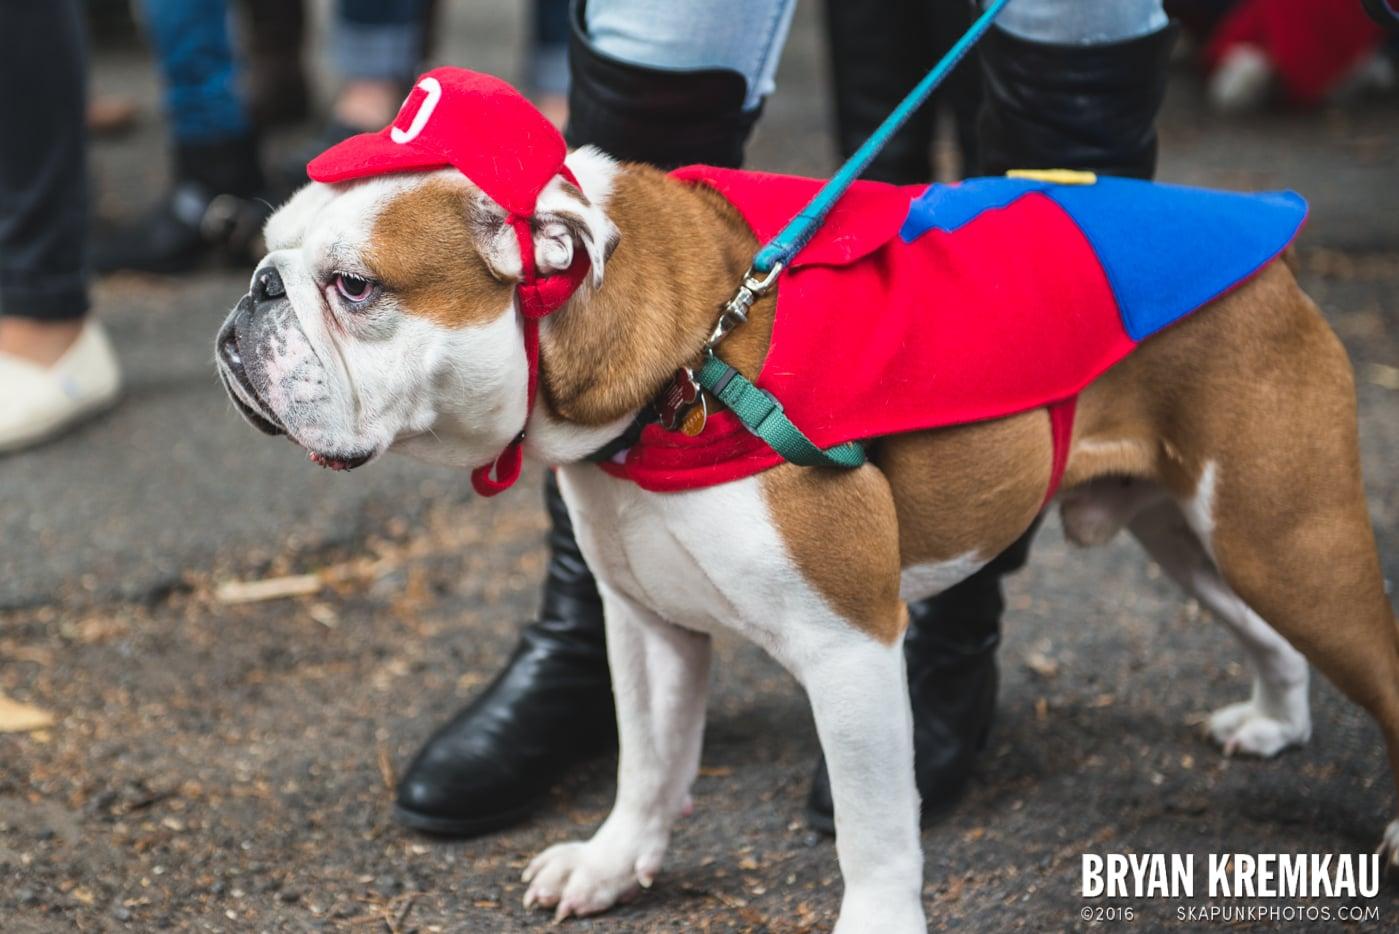 Tompkins Square Halloween Dog Parade 2015 @ Tompkins Square Park, NYC – 10.24.15 (17)